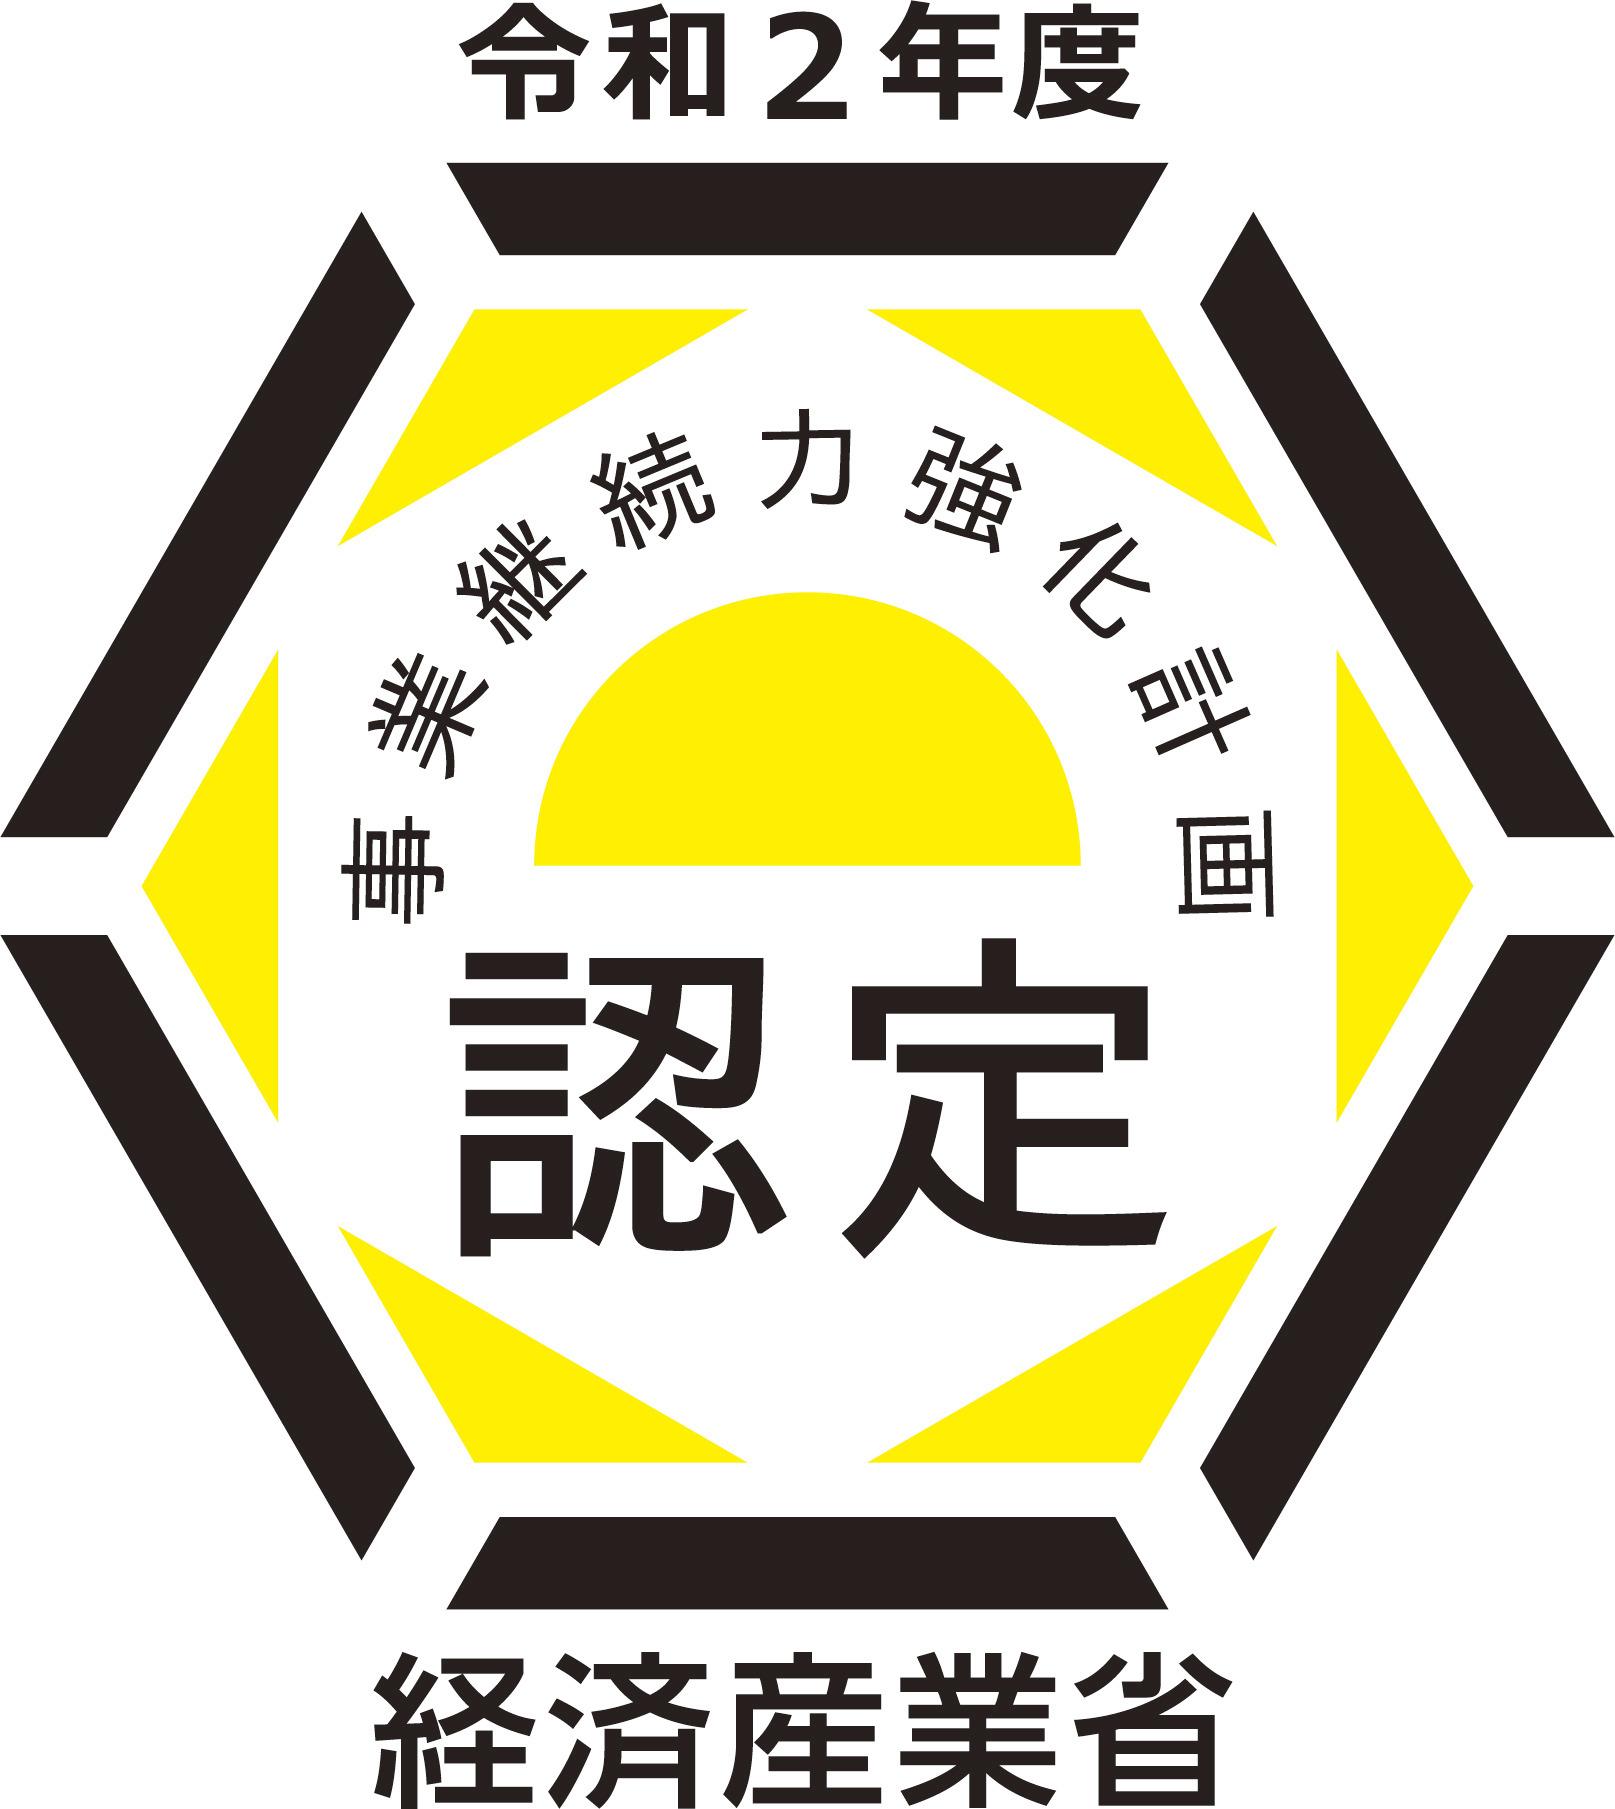 jigyou_nintei